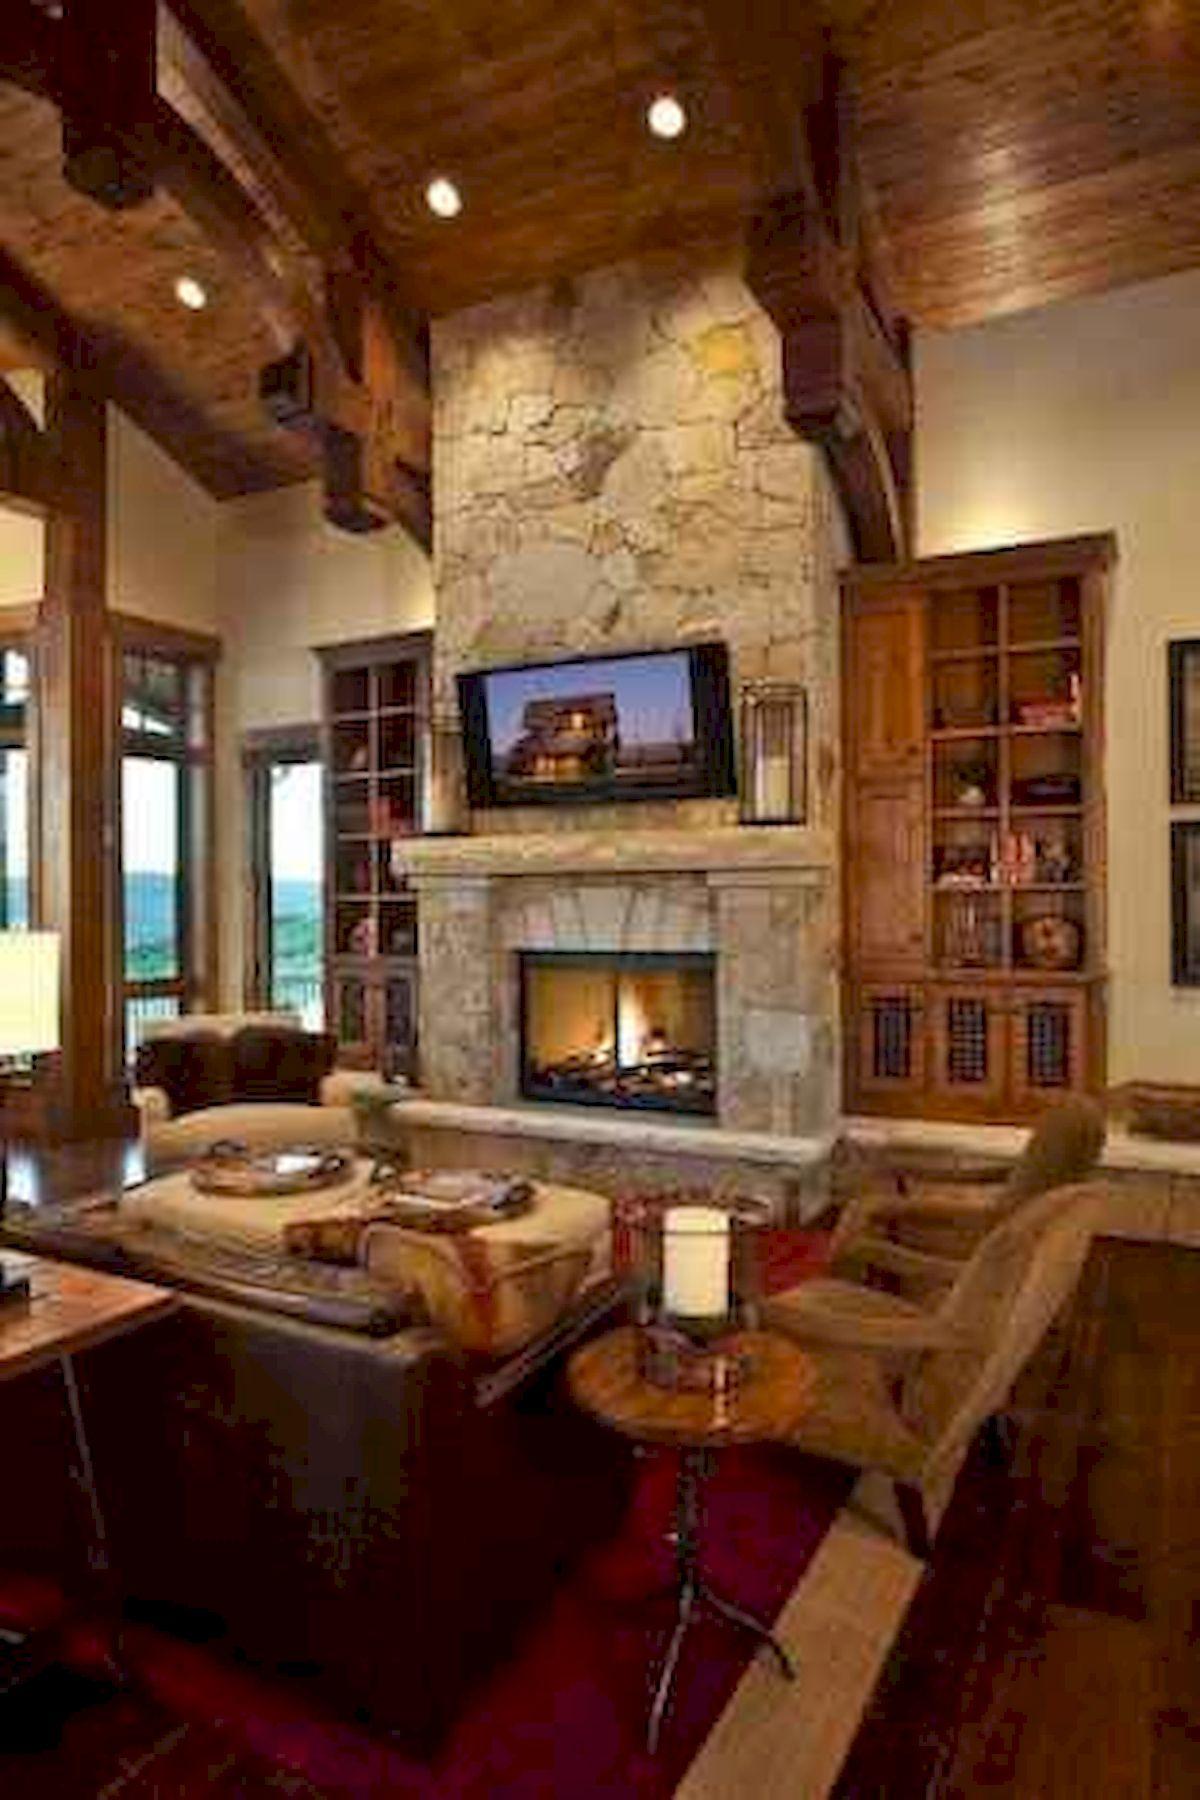 50 Cozy Farmhouse Living Room Design and Decor Ideas (25)